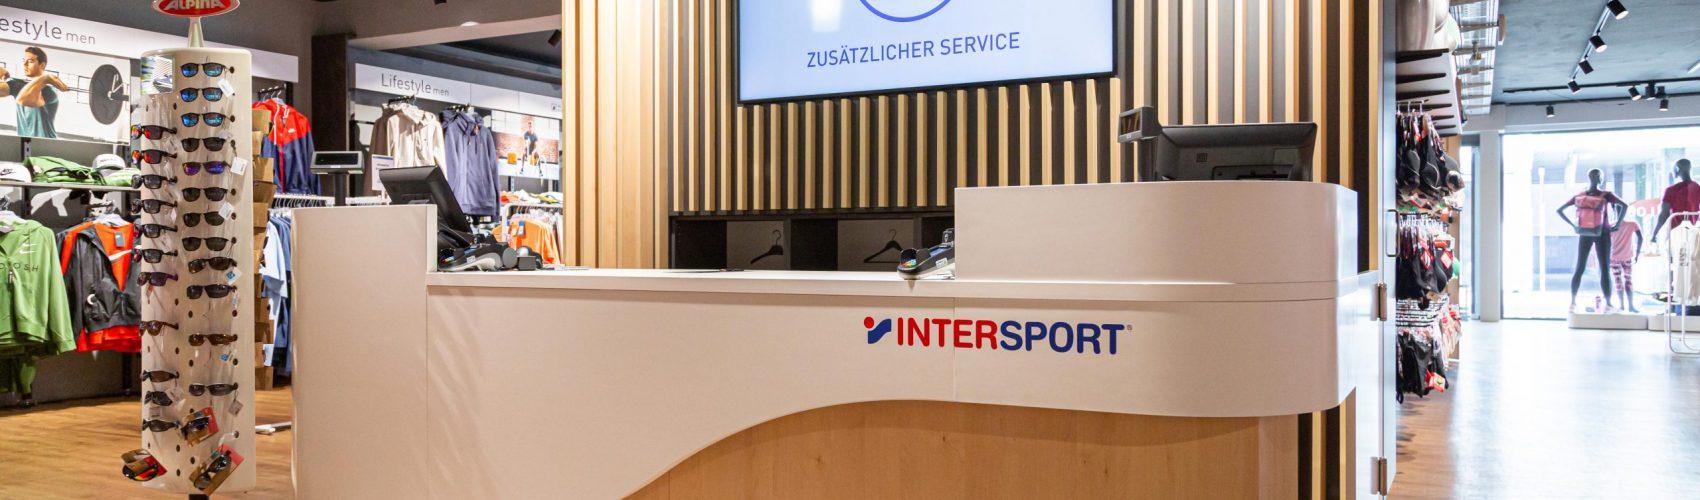 InterSport_Clp-3